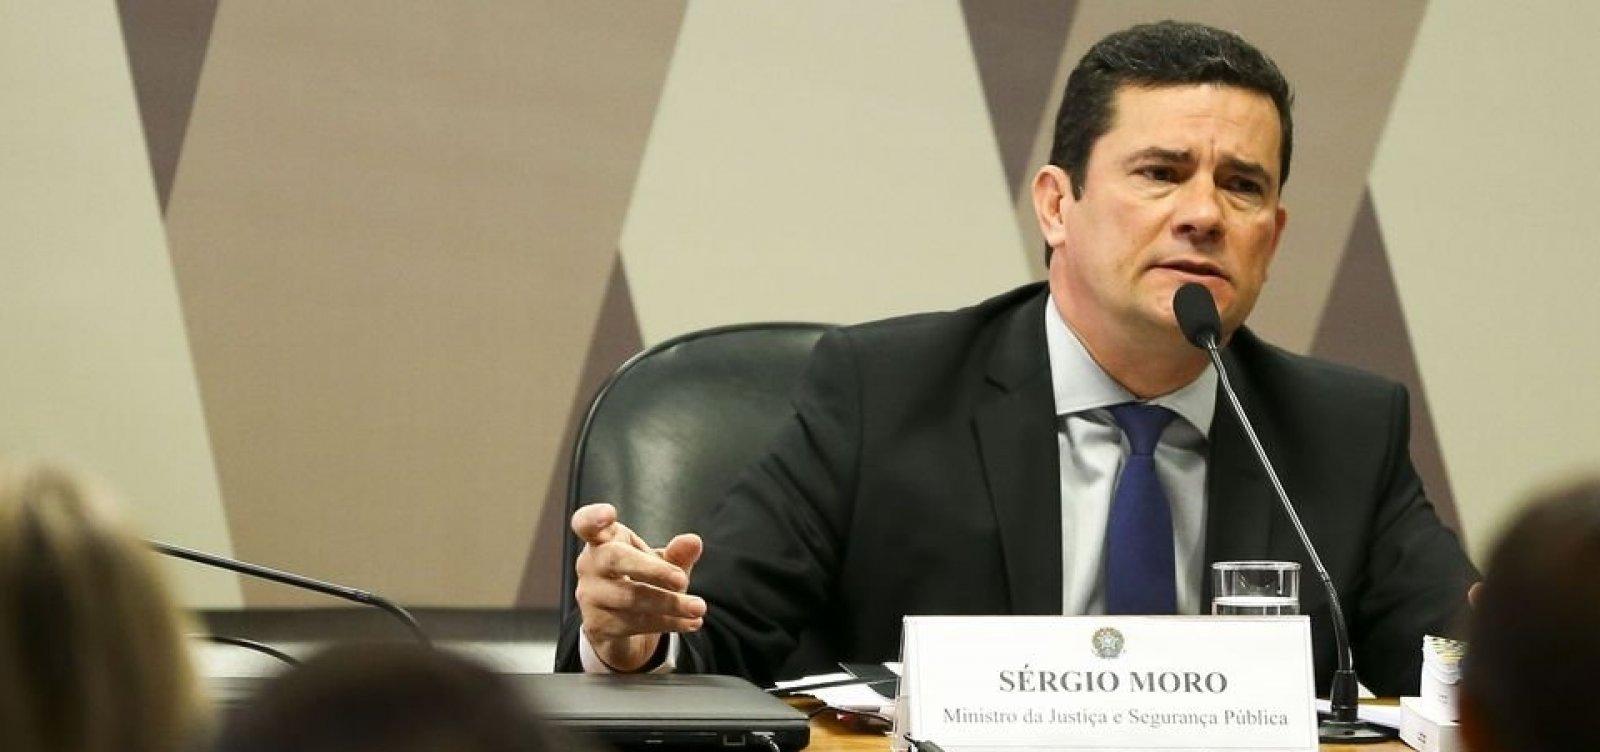 [Sergio Moro vai aos EUA fazer visitas técnicas a instituições]